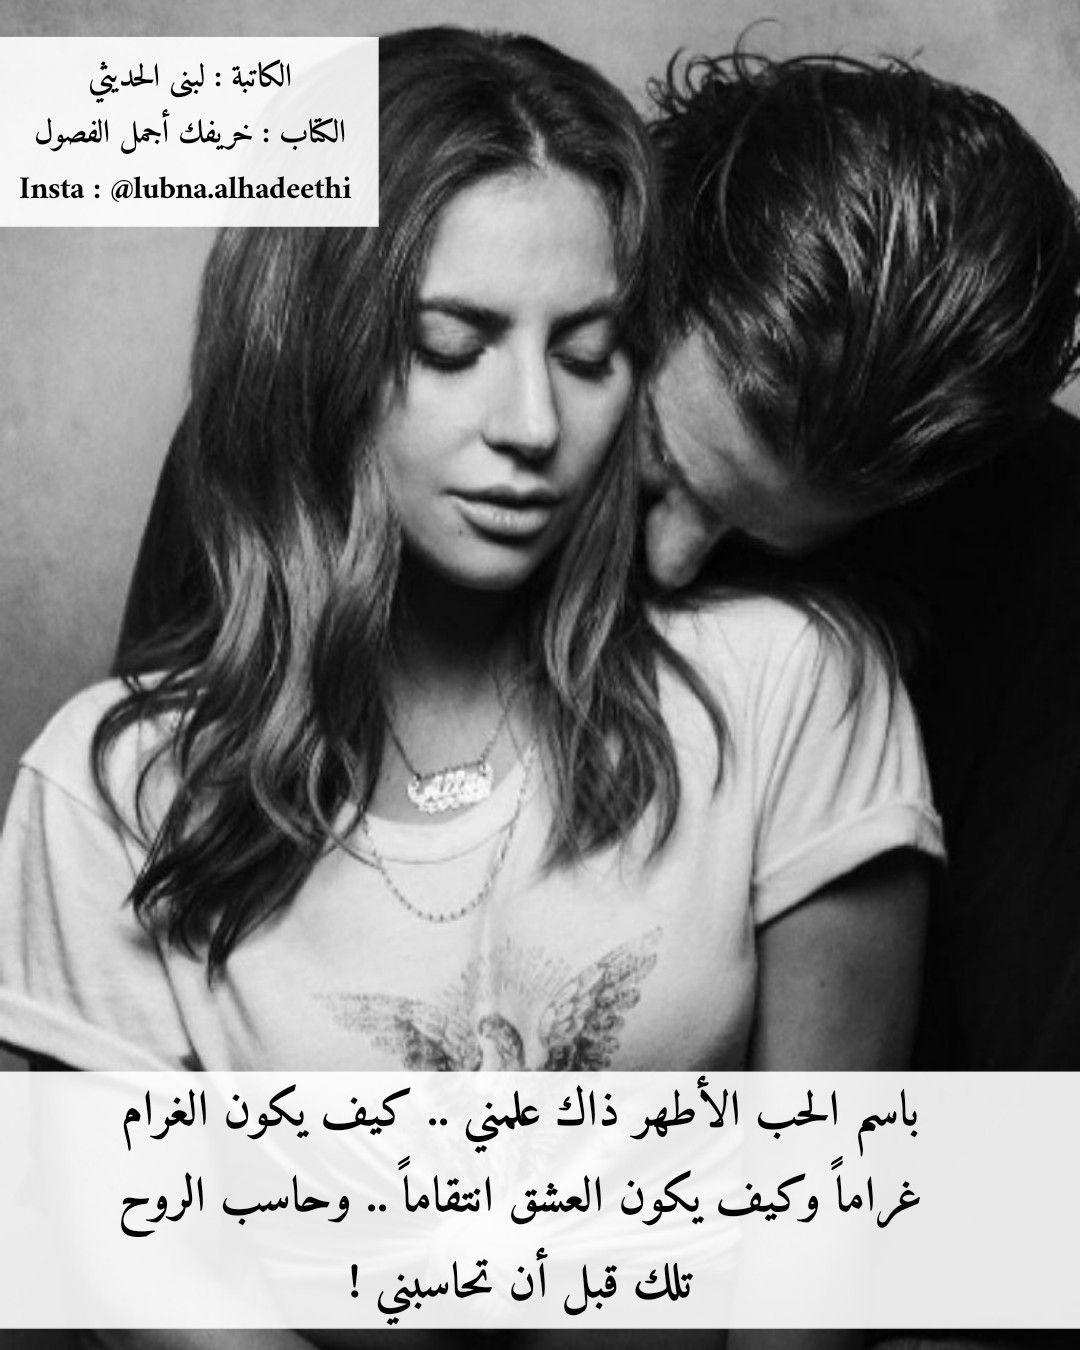 خريفك أجمل الفصول لبنى الحديثي حب اهتمام رومانسية كلمات عشق اهمال أحبك حبيبي اشتياق وفاء خيانة قلب Insta